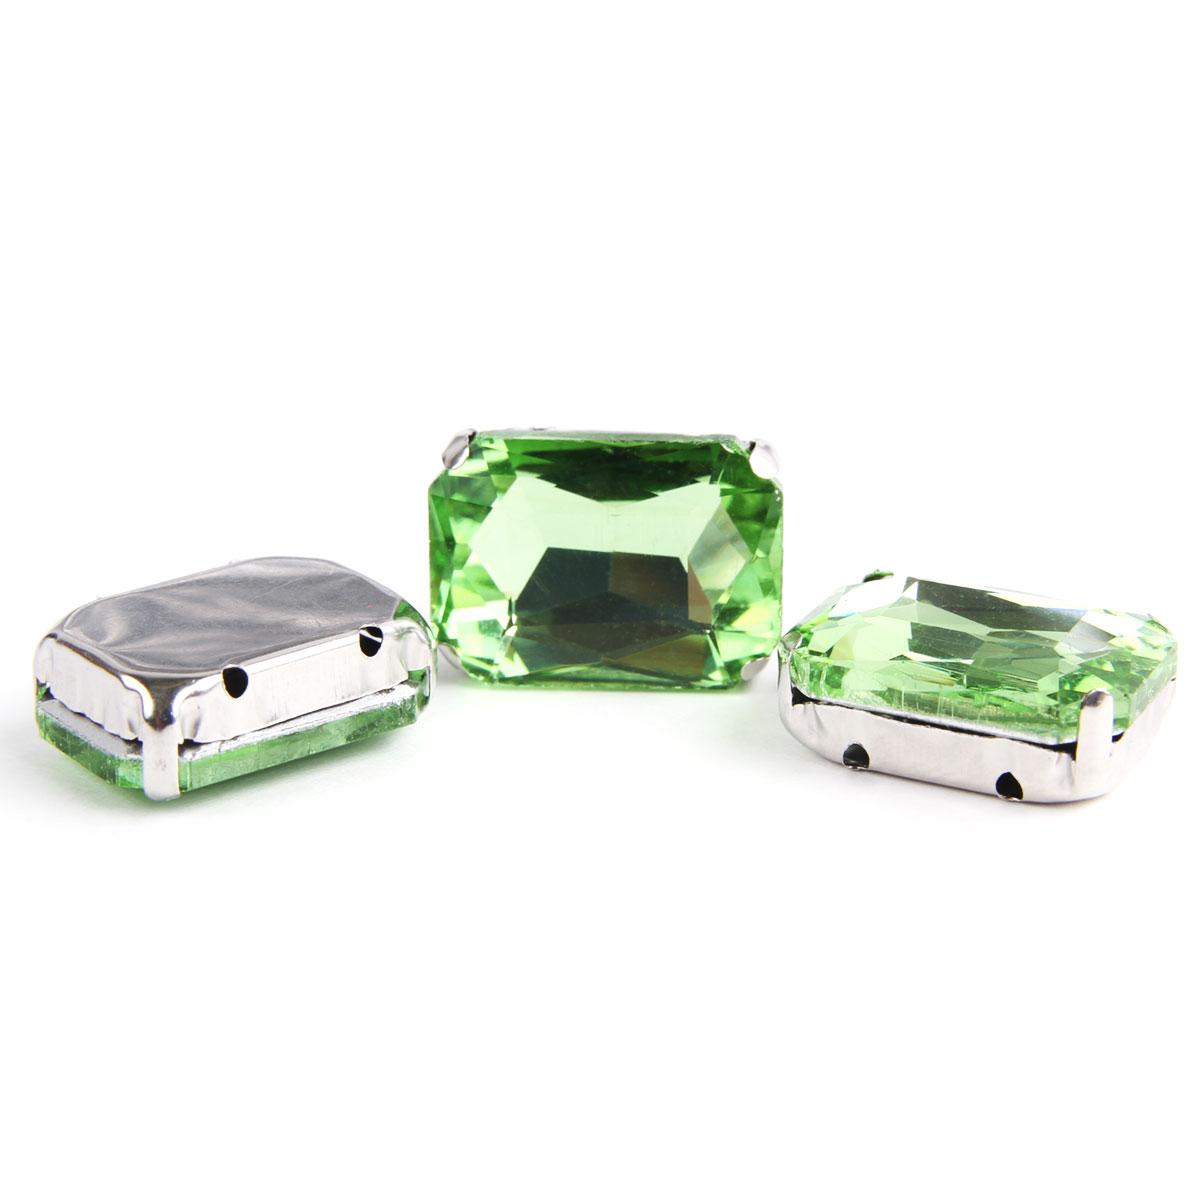 ПЦ006НН1318 Хрустальные стразы в цапах прямоугольные (серебро) светло-зеленый 13*18мм, 3шт/упак Астра